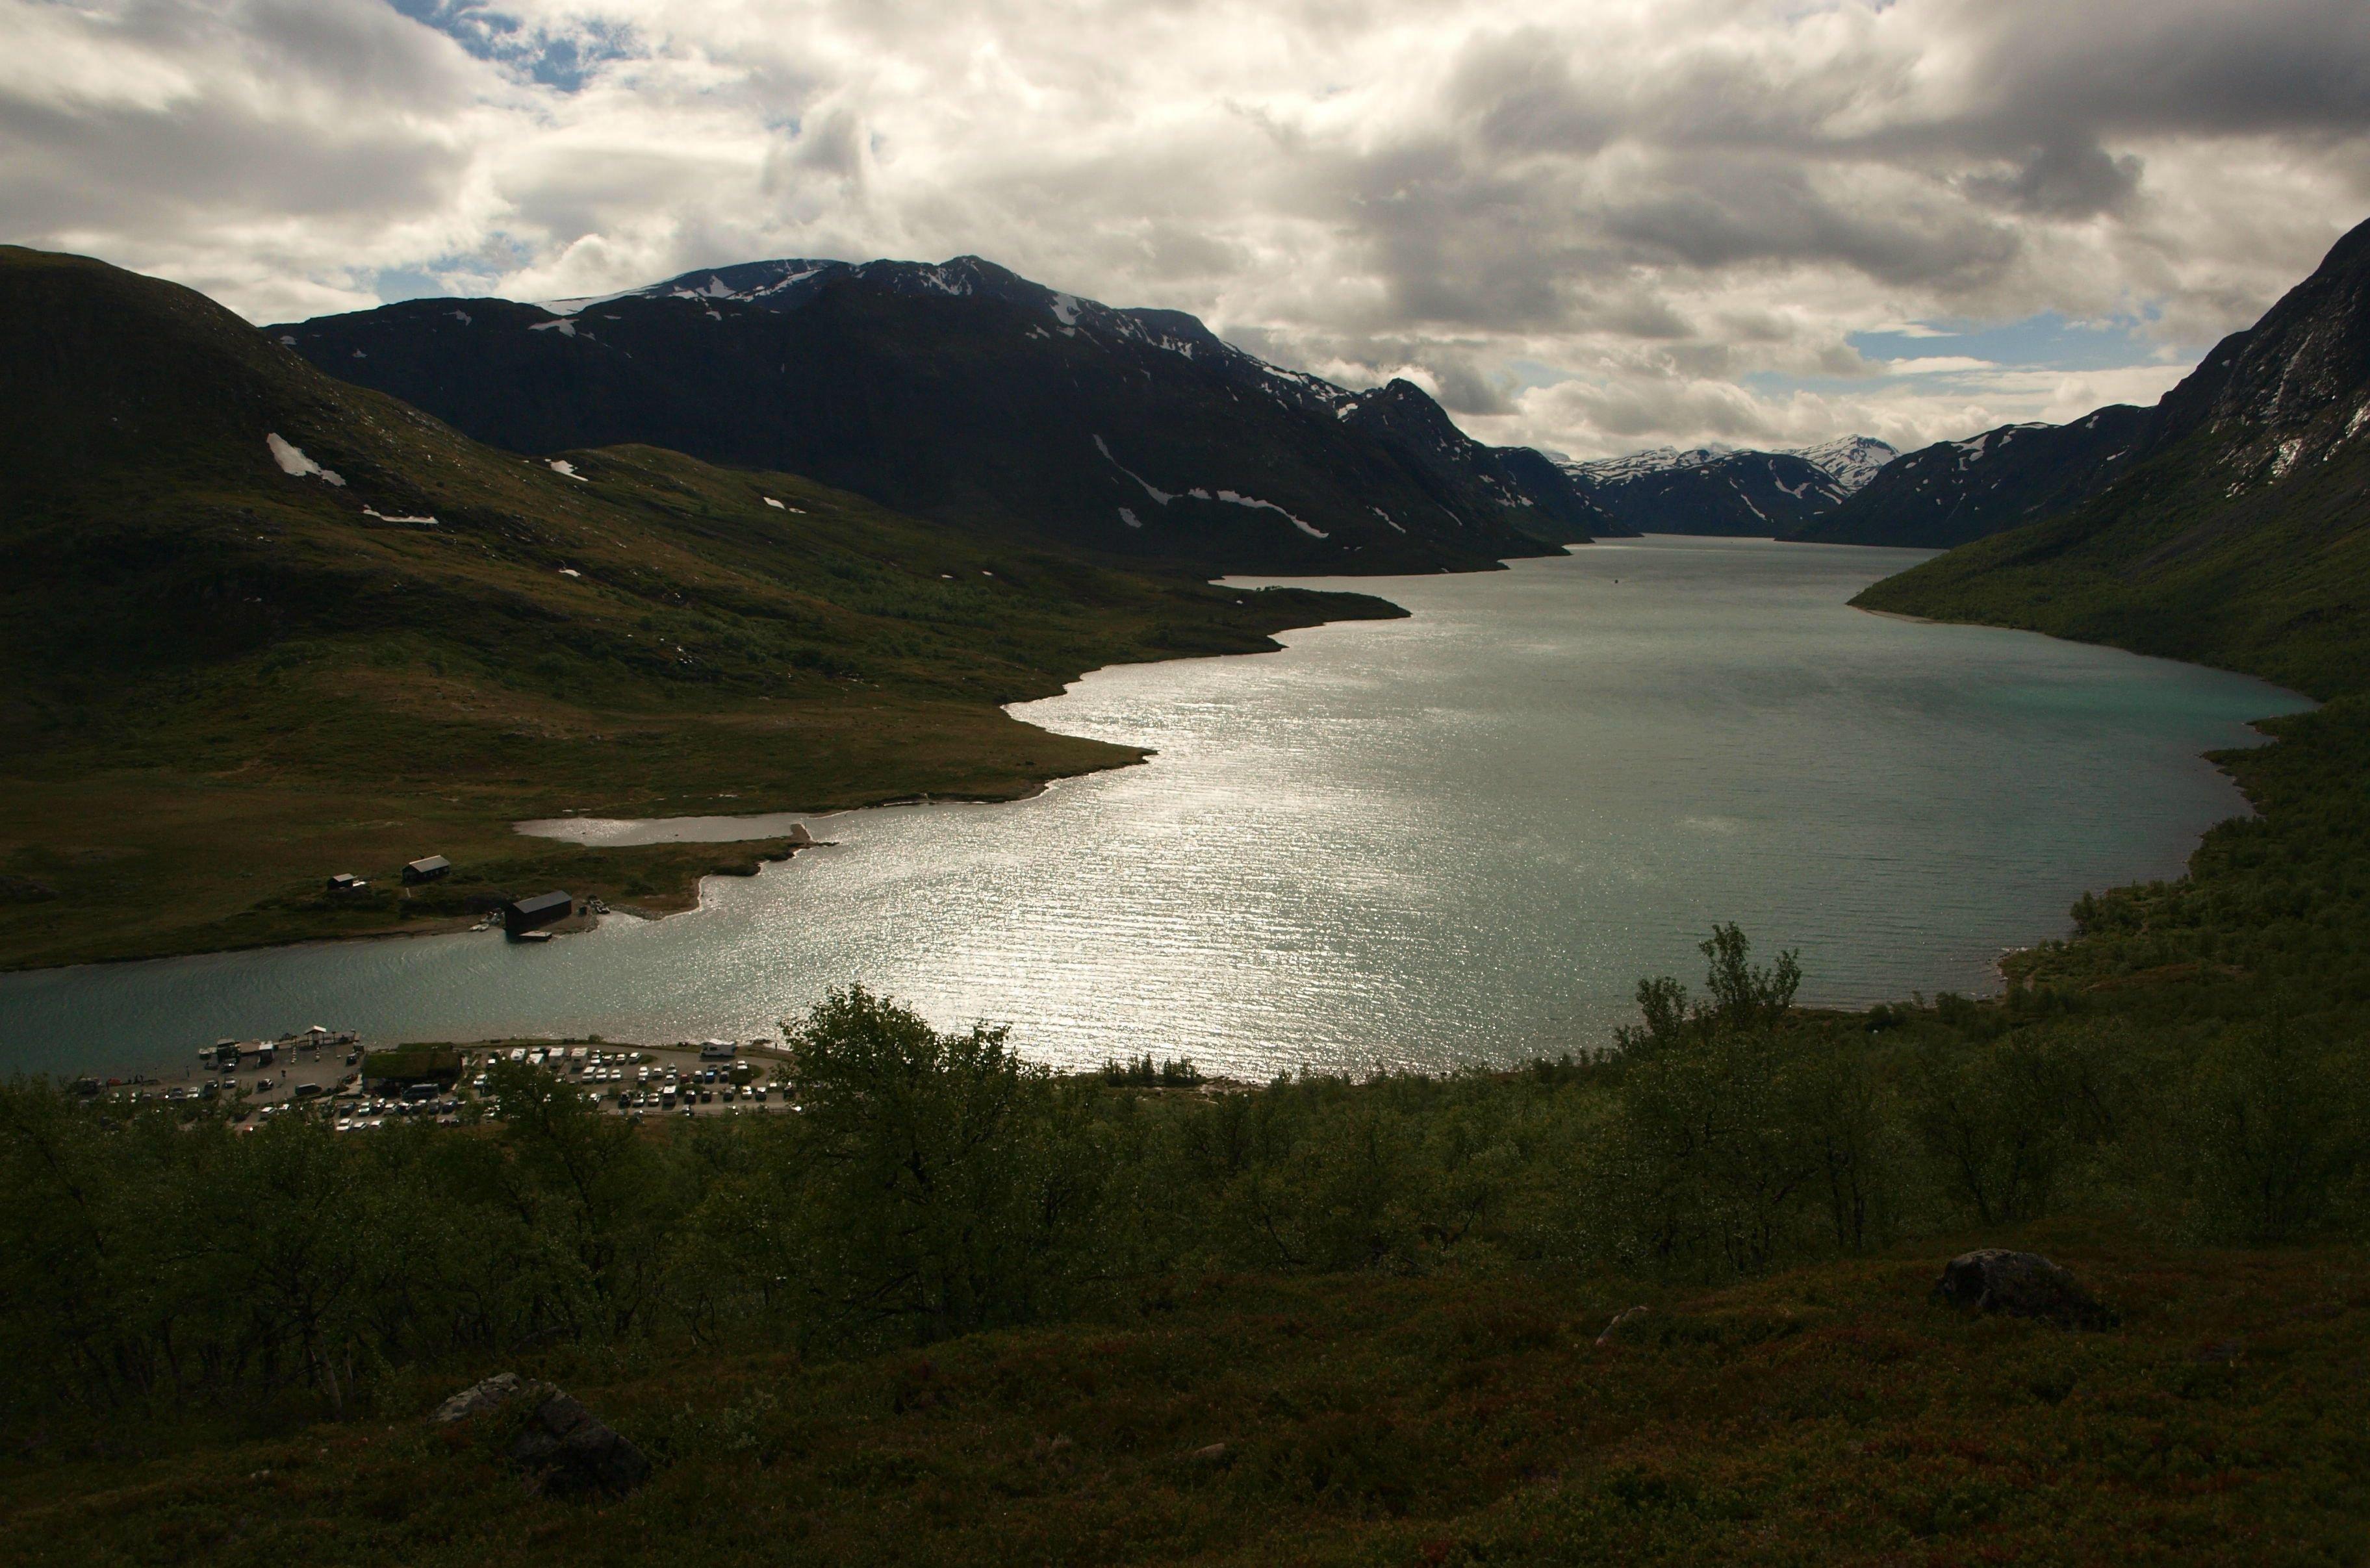 Lake Gjende Jotunheimen National Park Norway Hd Wallpaper